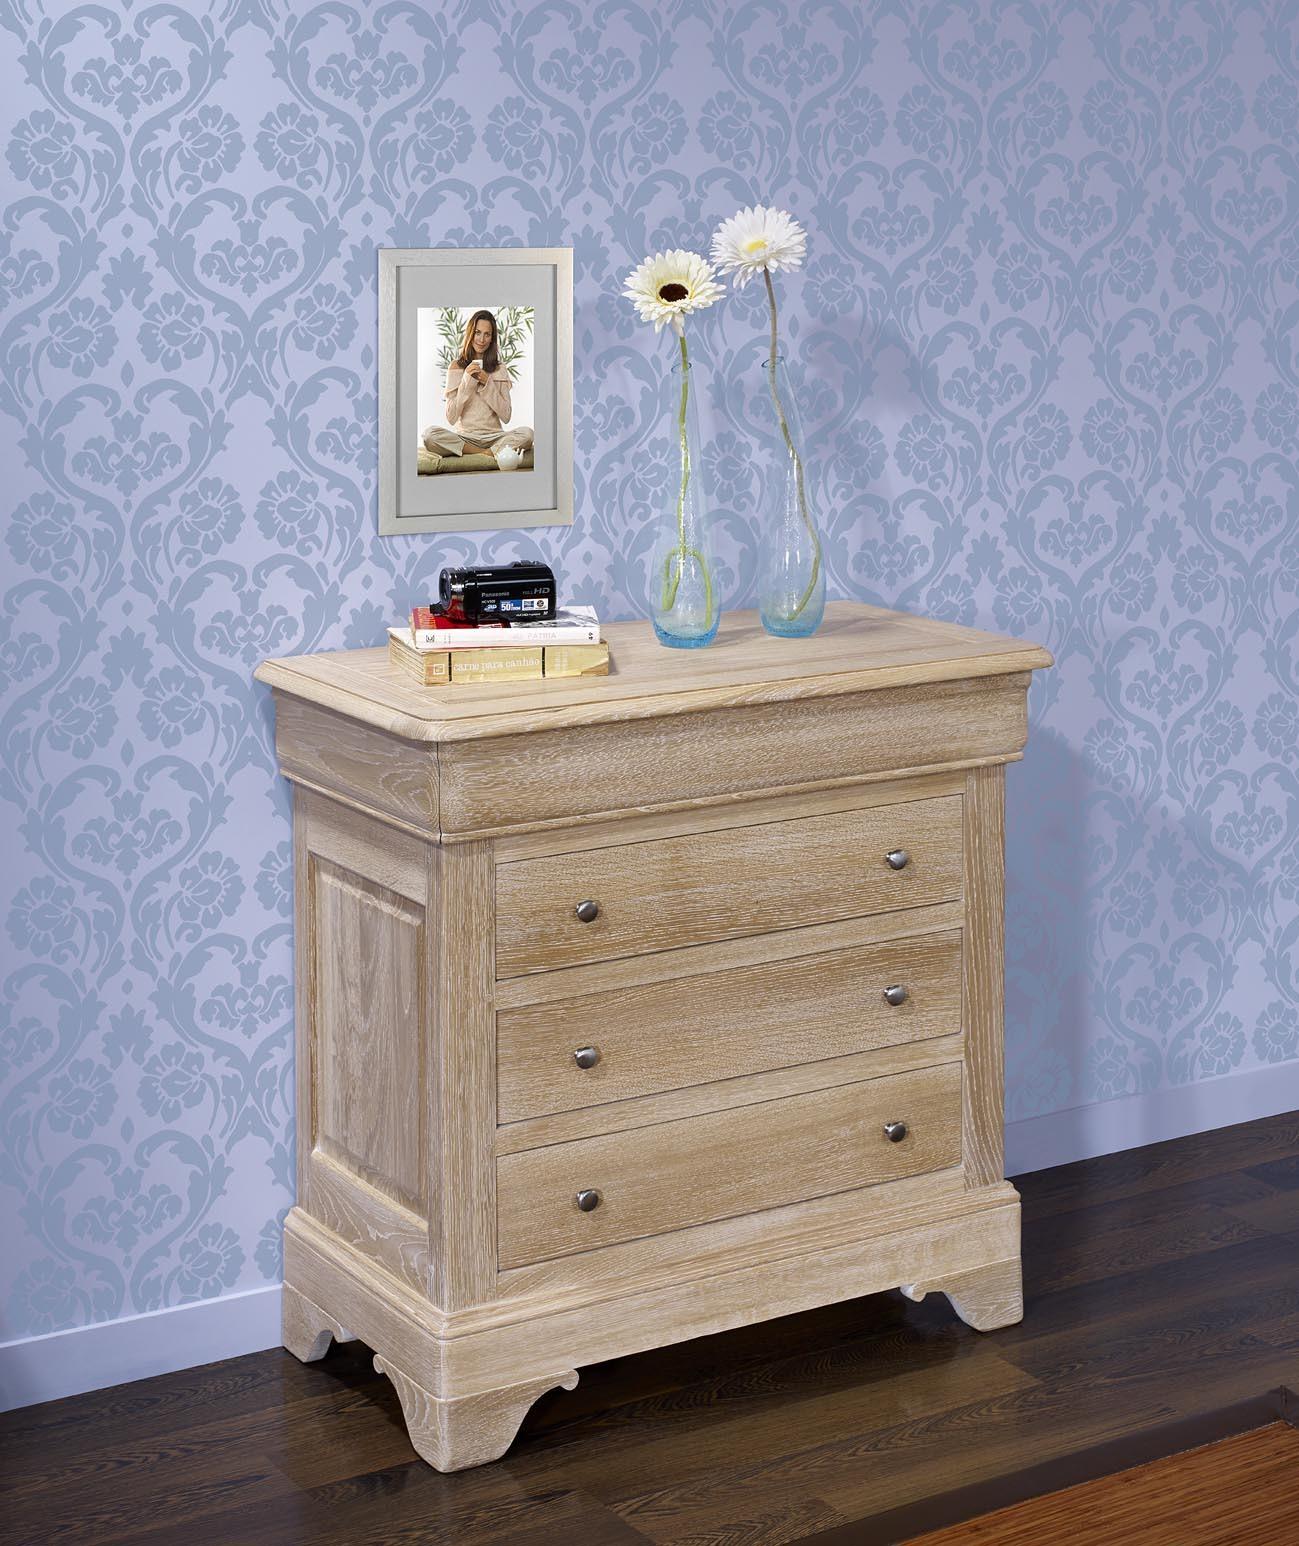 meuble en ch ne commode 4 tiroirs guillaume r alis e en ch ne de style louis philippe finition. Black Bedroom Furniture Sets. Home Design Ideas